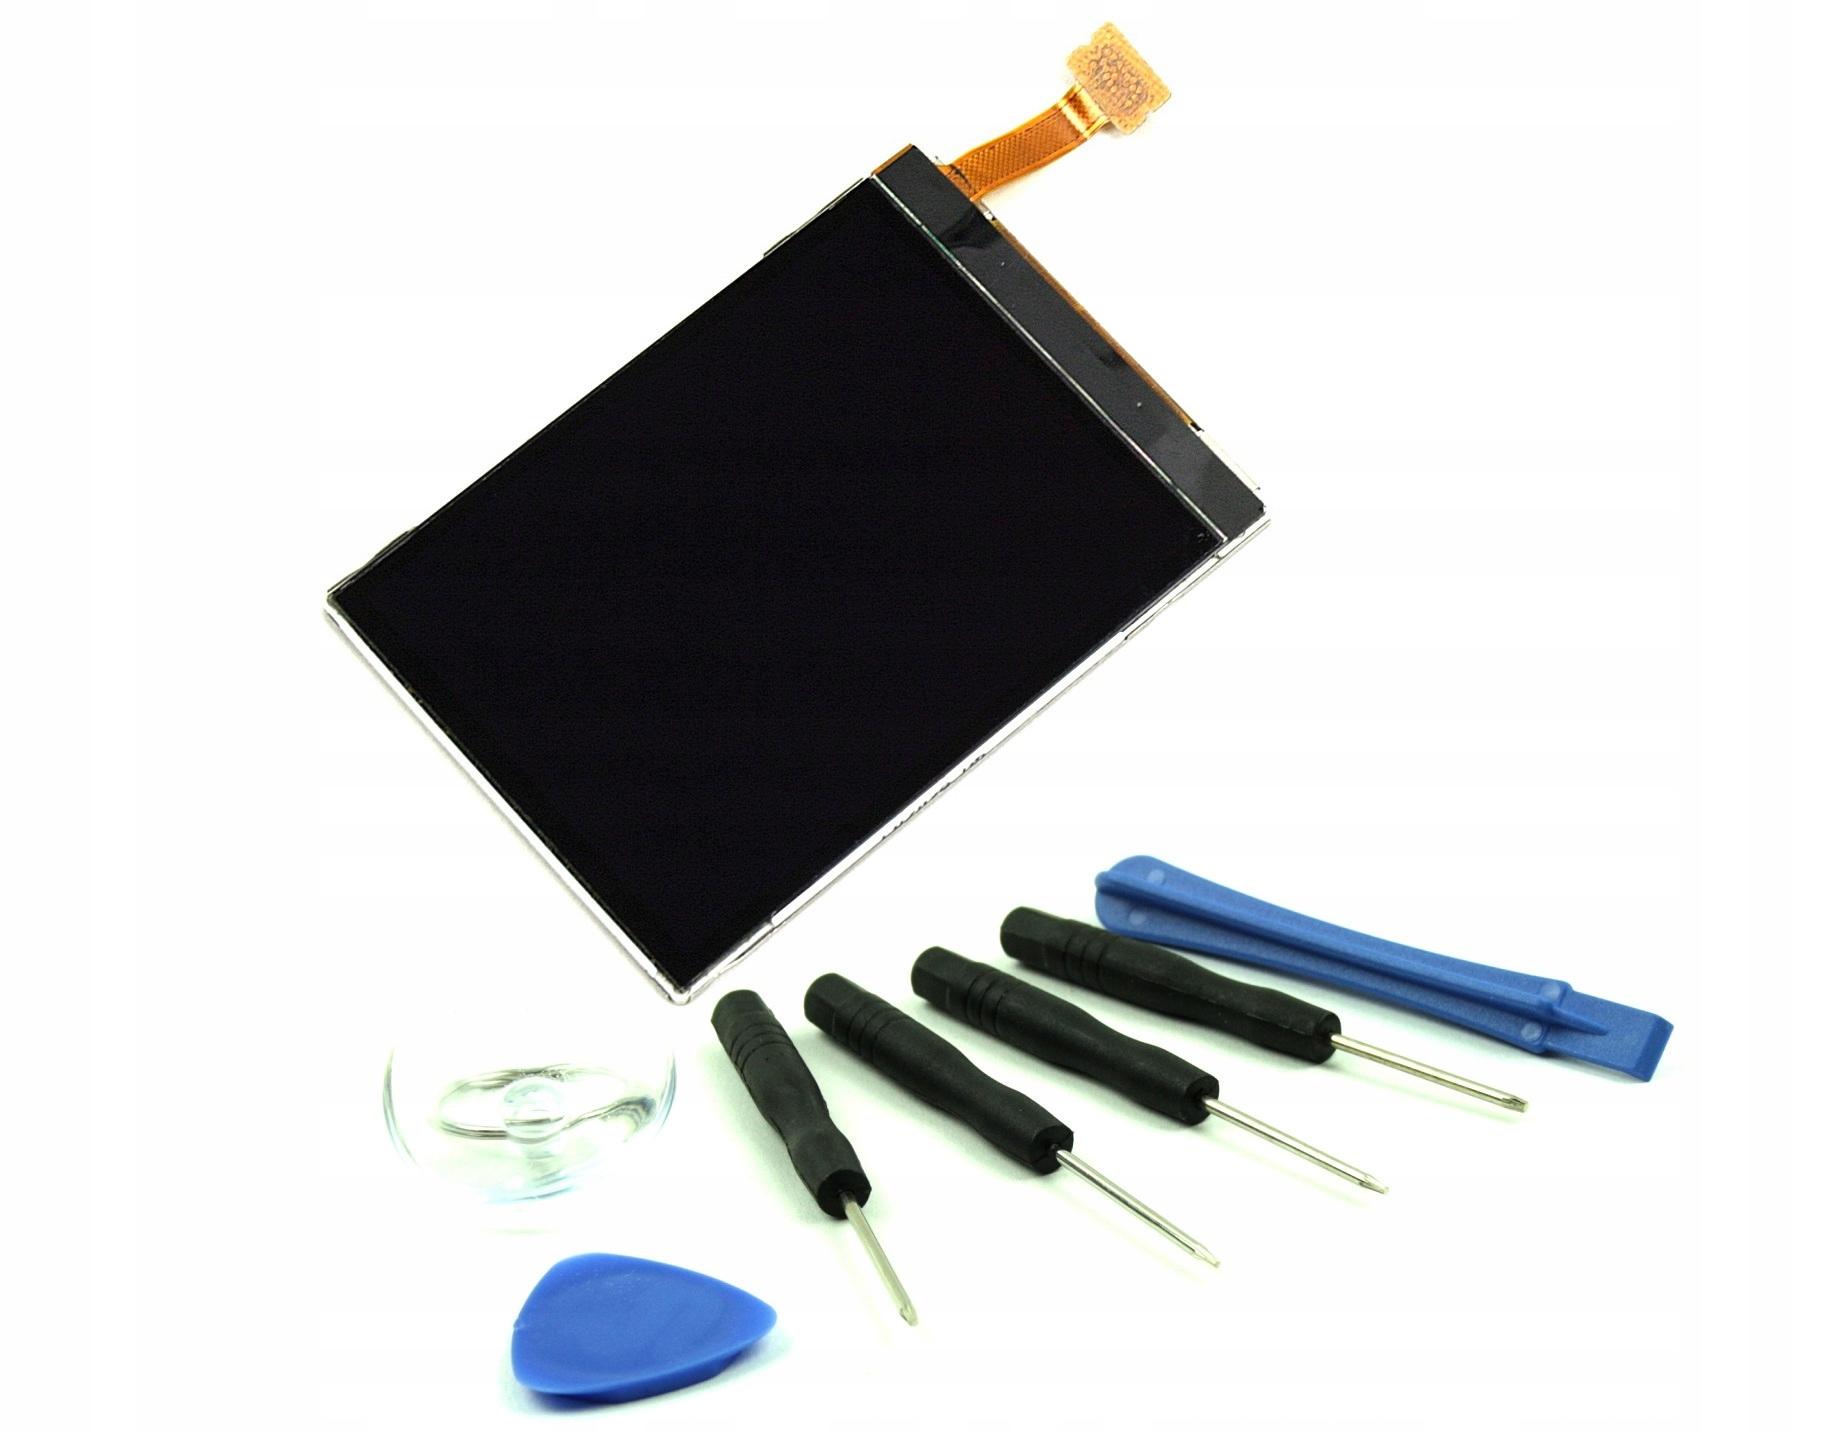 NOKIA LCD N82 E52 E55 E66 N77 N78 6210 5730 5330